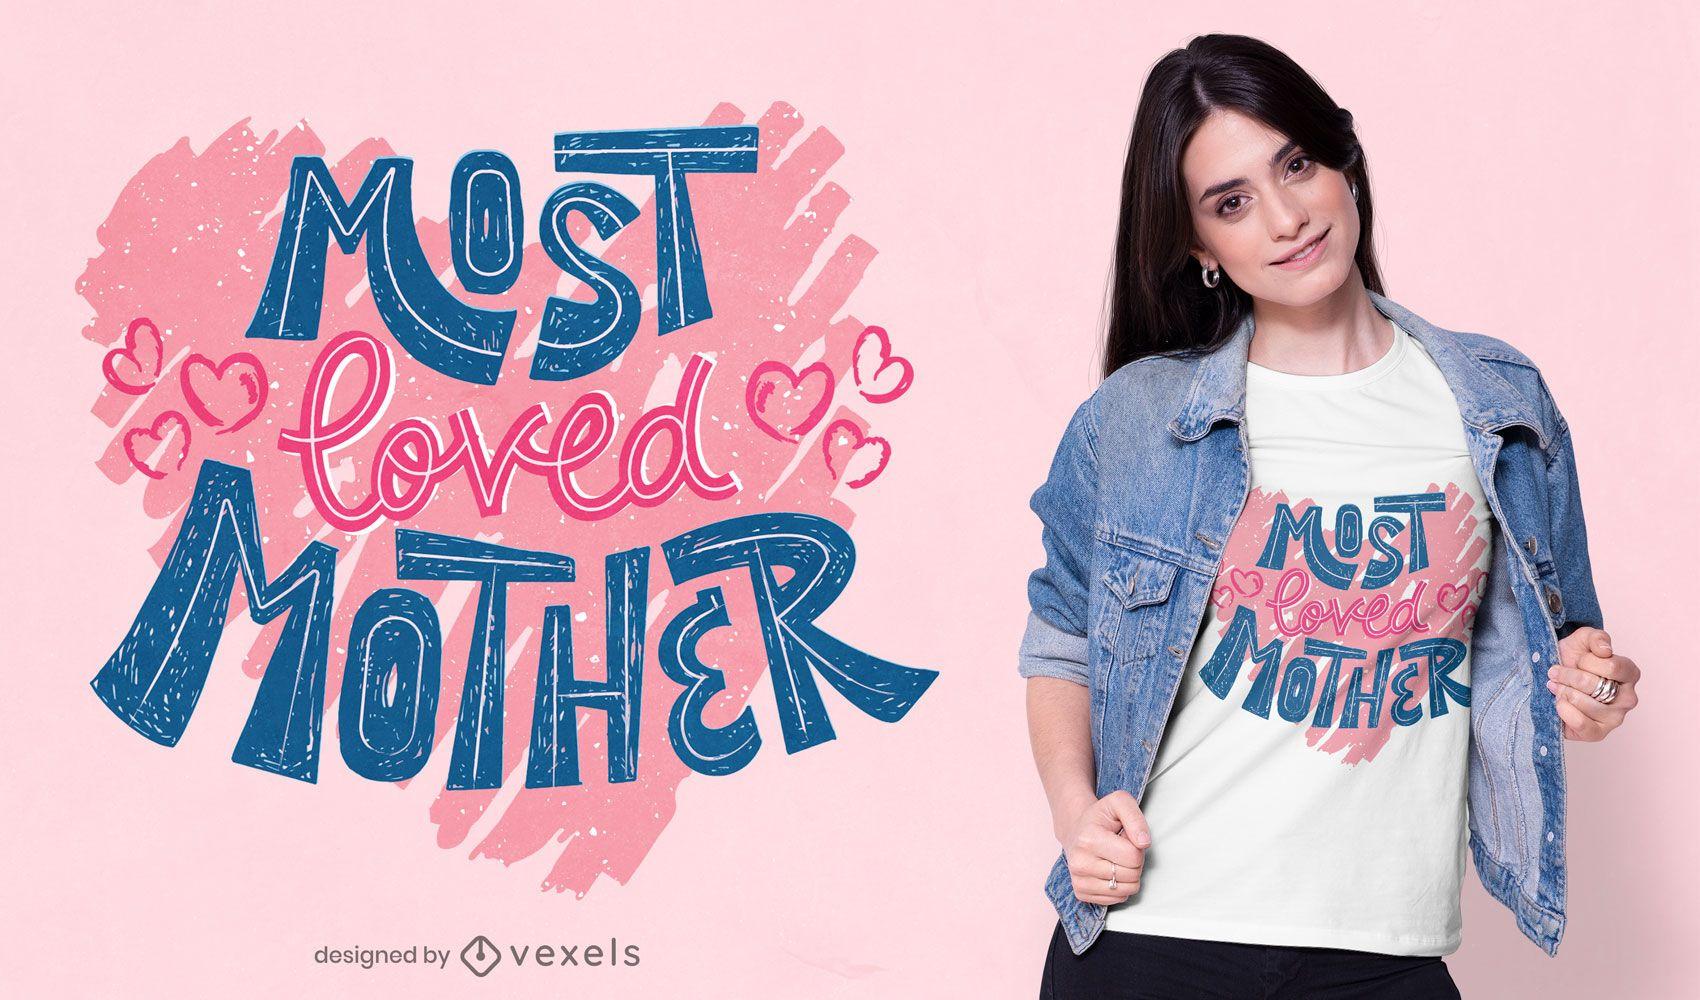 Dise?o de camiseta con letras de madre m?s querida.